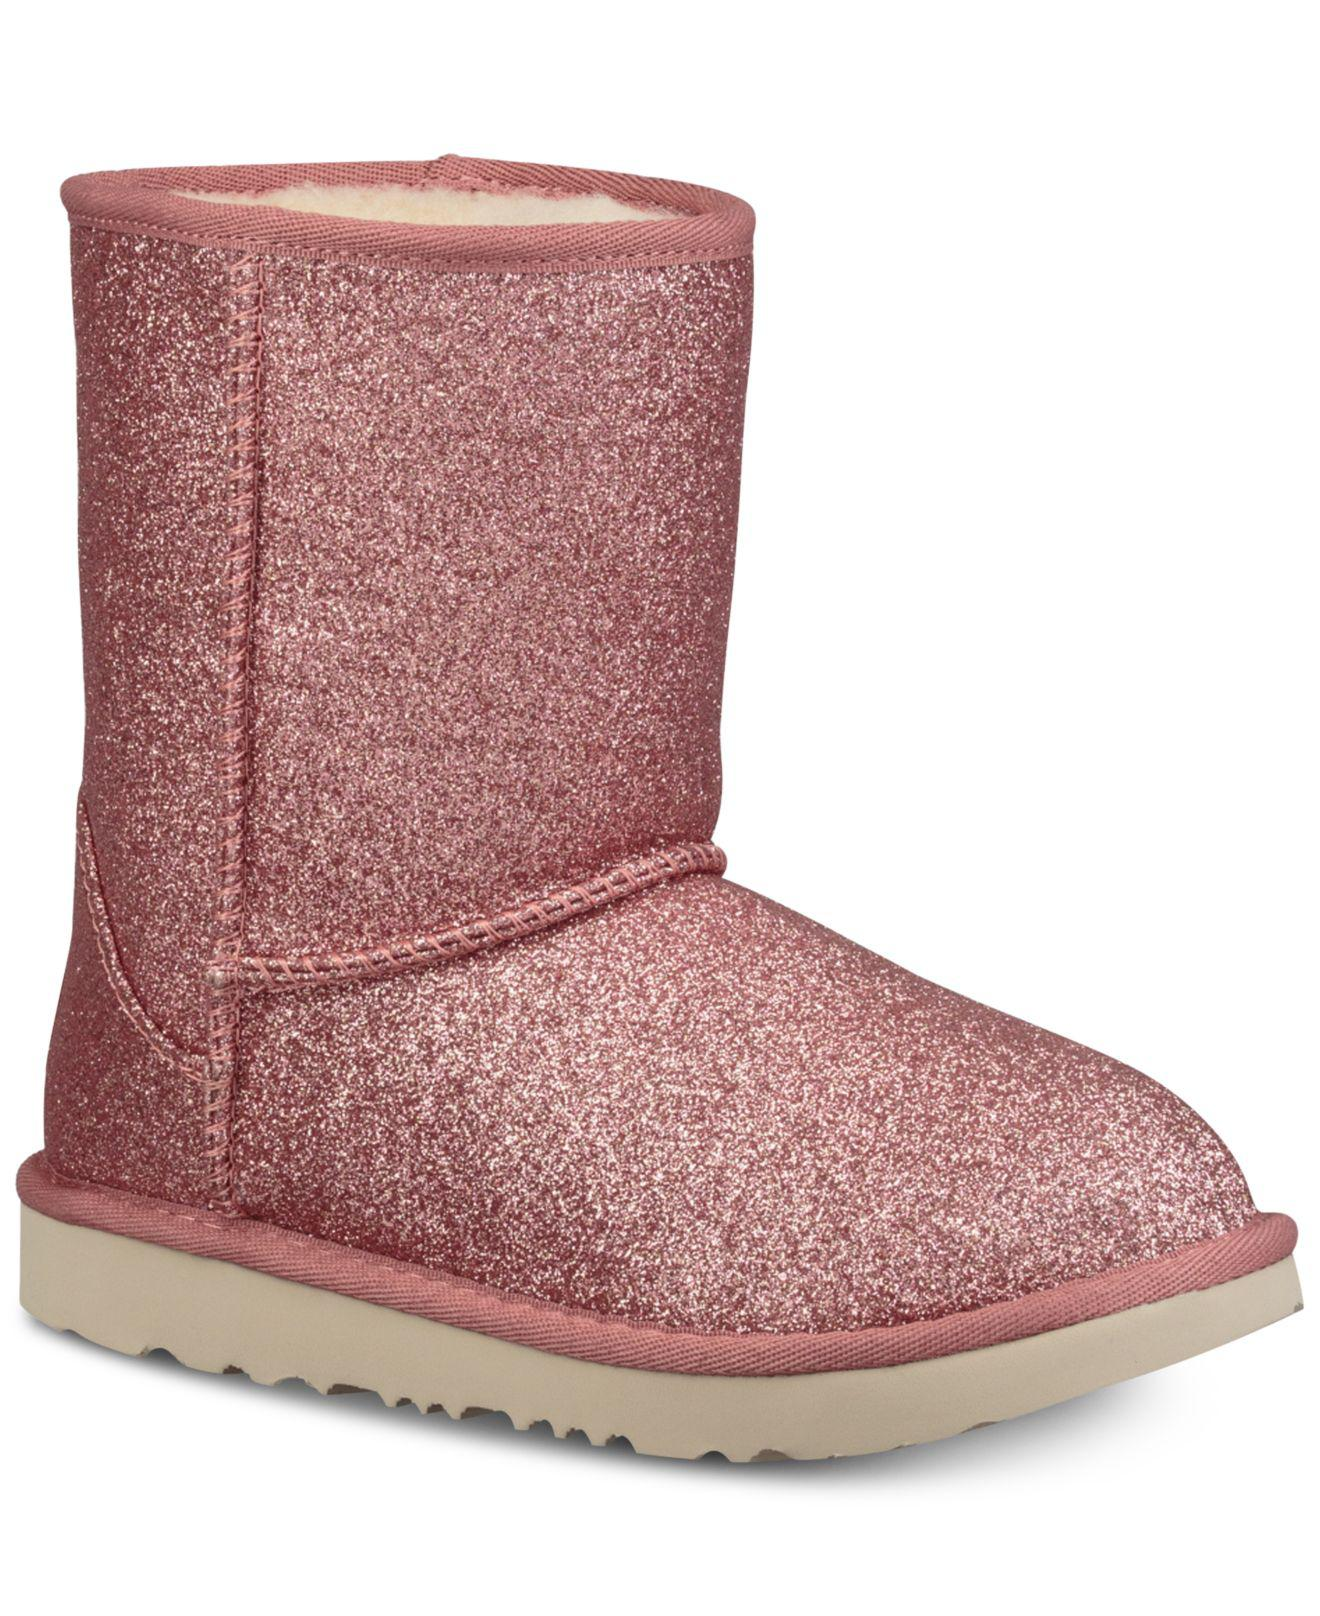 UGG. Women's Pink Toddler Classic Short Ii Glitter Boots